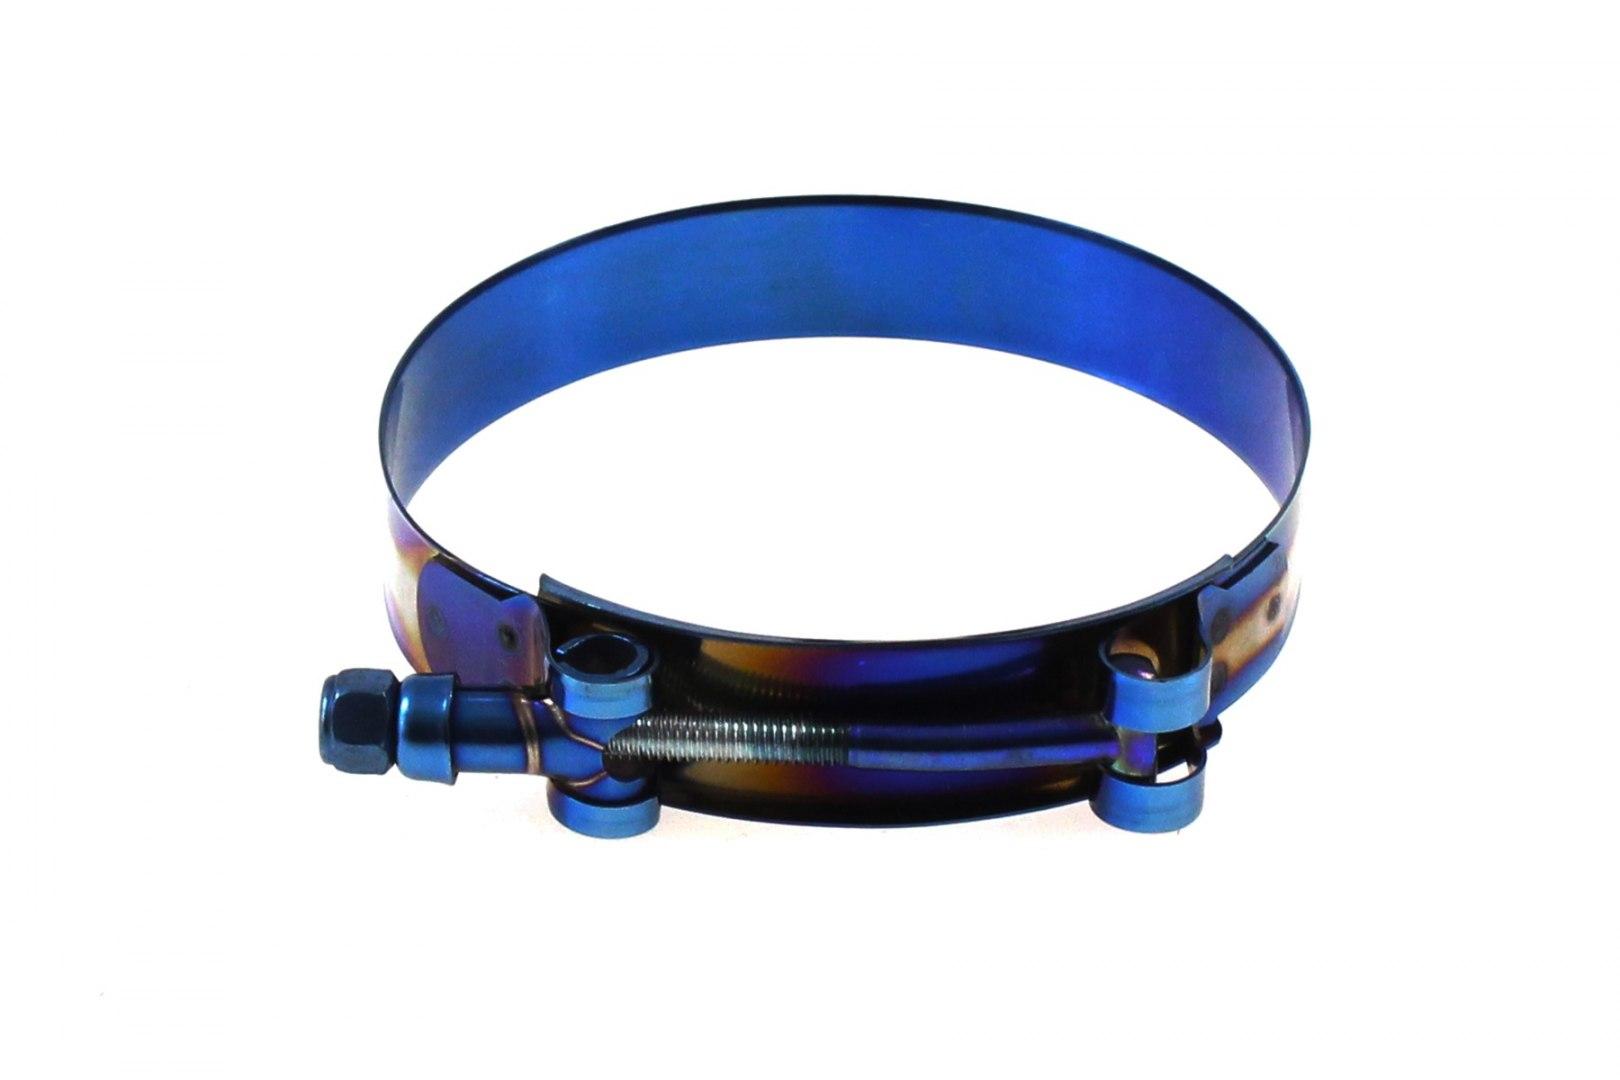 Opaska zaciskowa TurboWorks 53-61mm T-Clamp - GRUBYGARAGE - Sklep Tuningowy